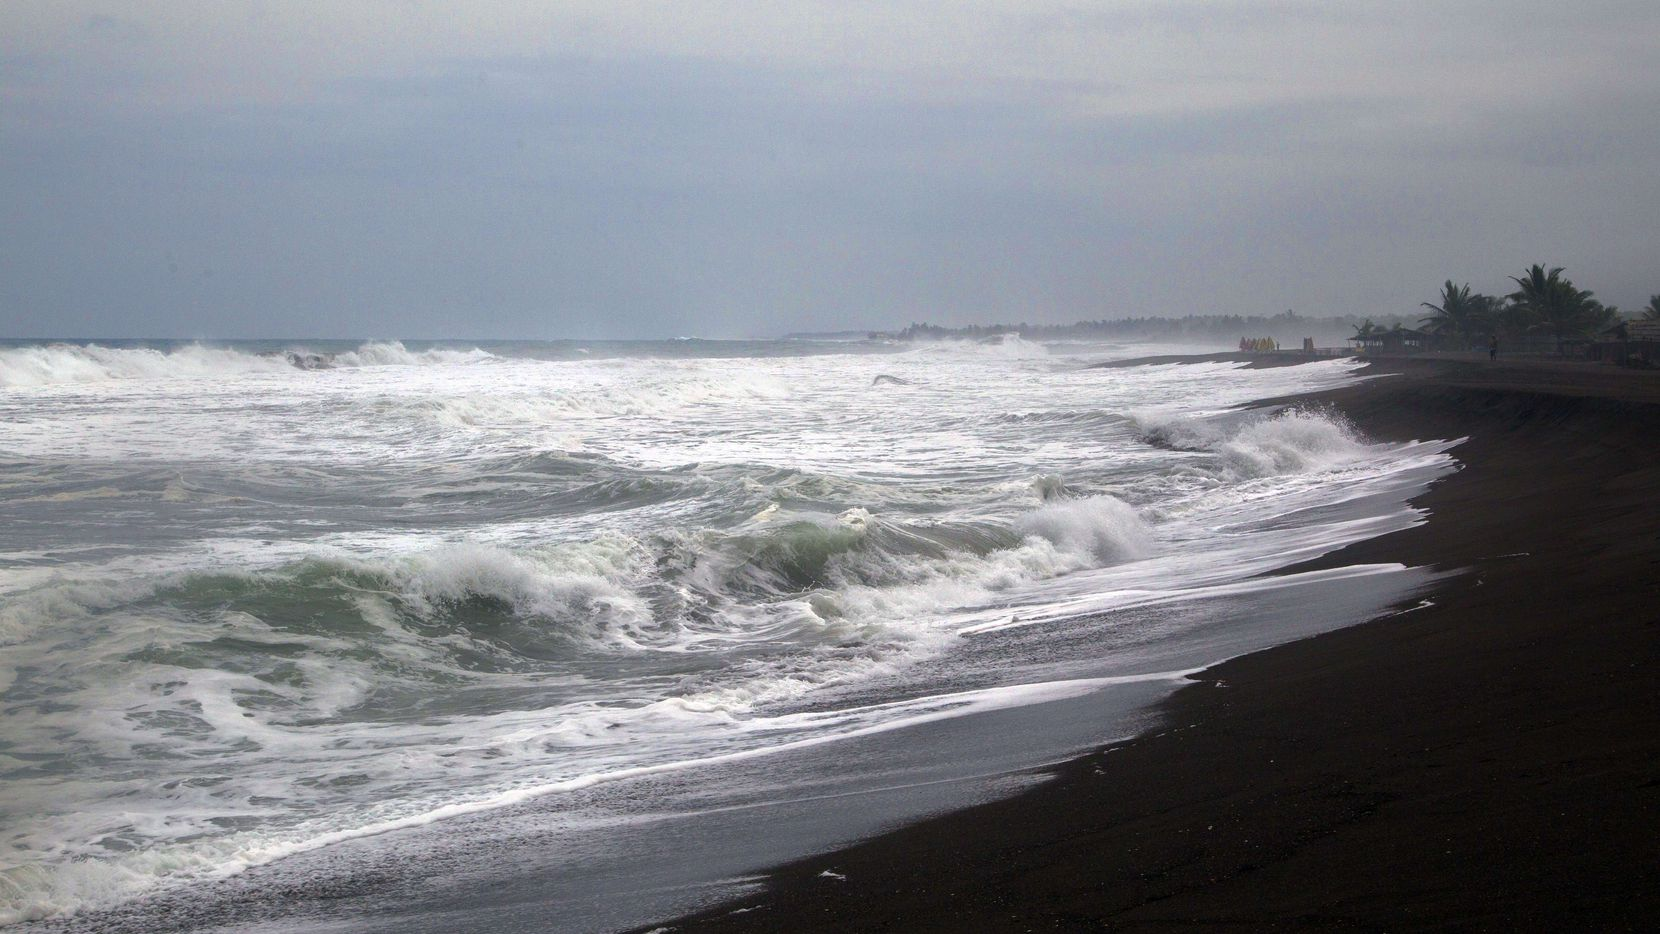 Se espera fuerte oleaje en las costas del Pacífico mexicano debido a Linda.